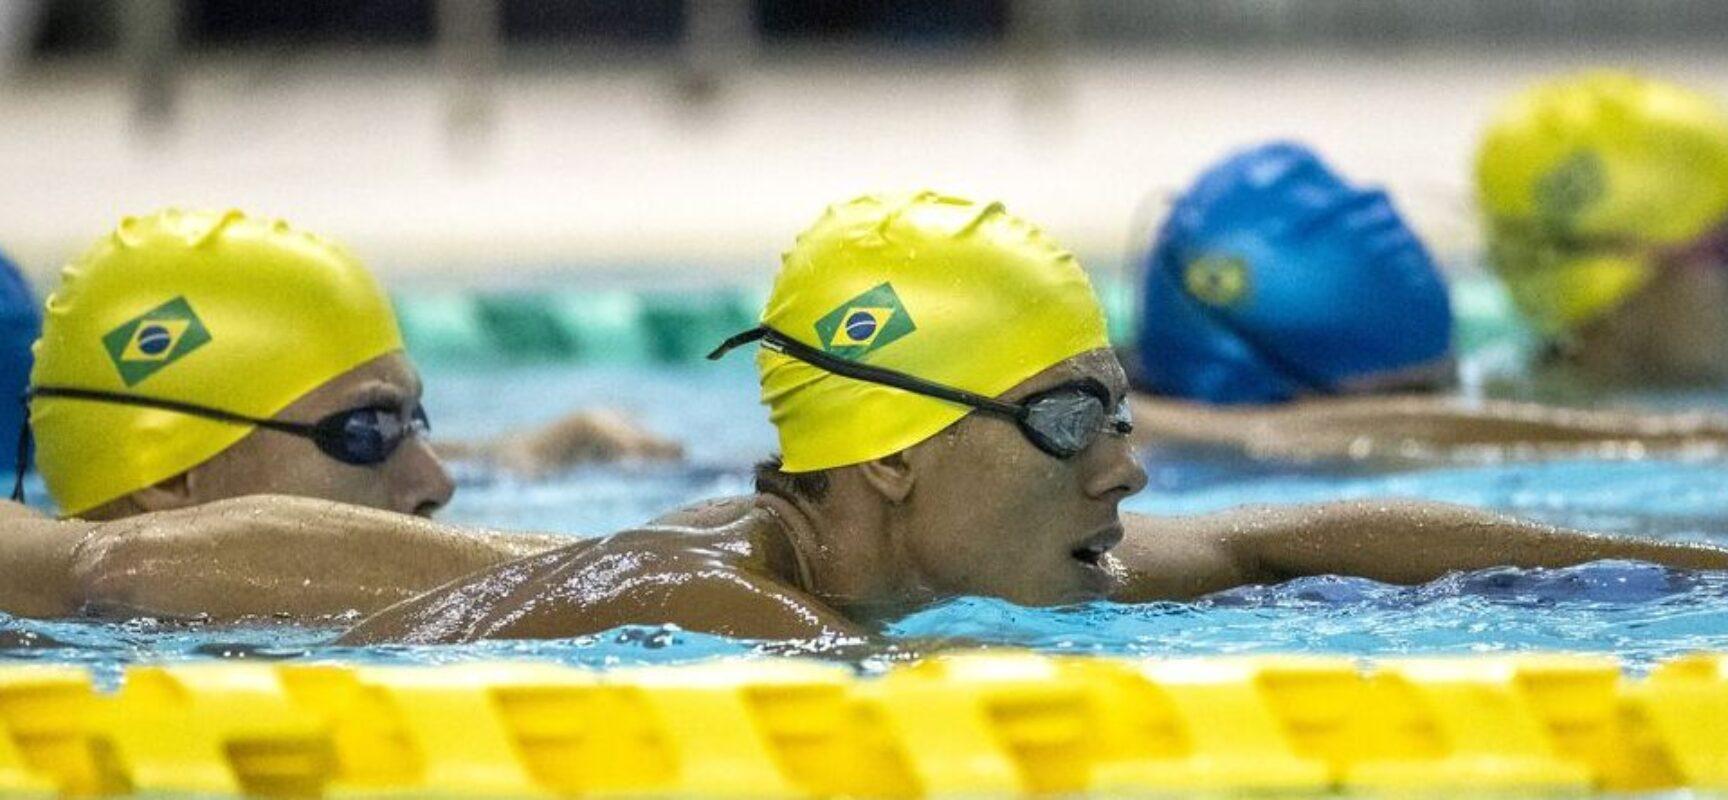 Paralimpíada: conheça mais sobre a natação na Tóquio 2020